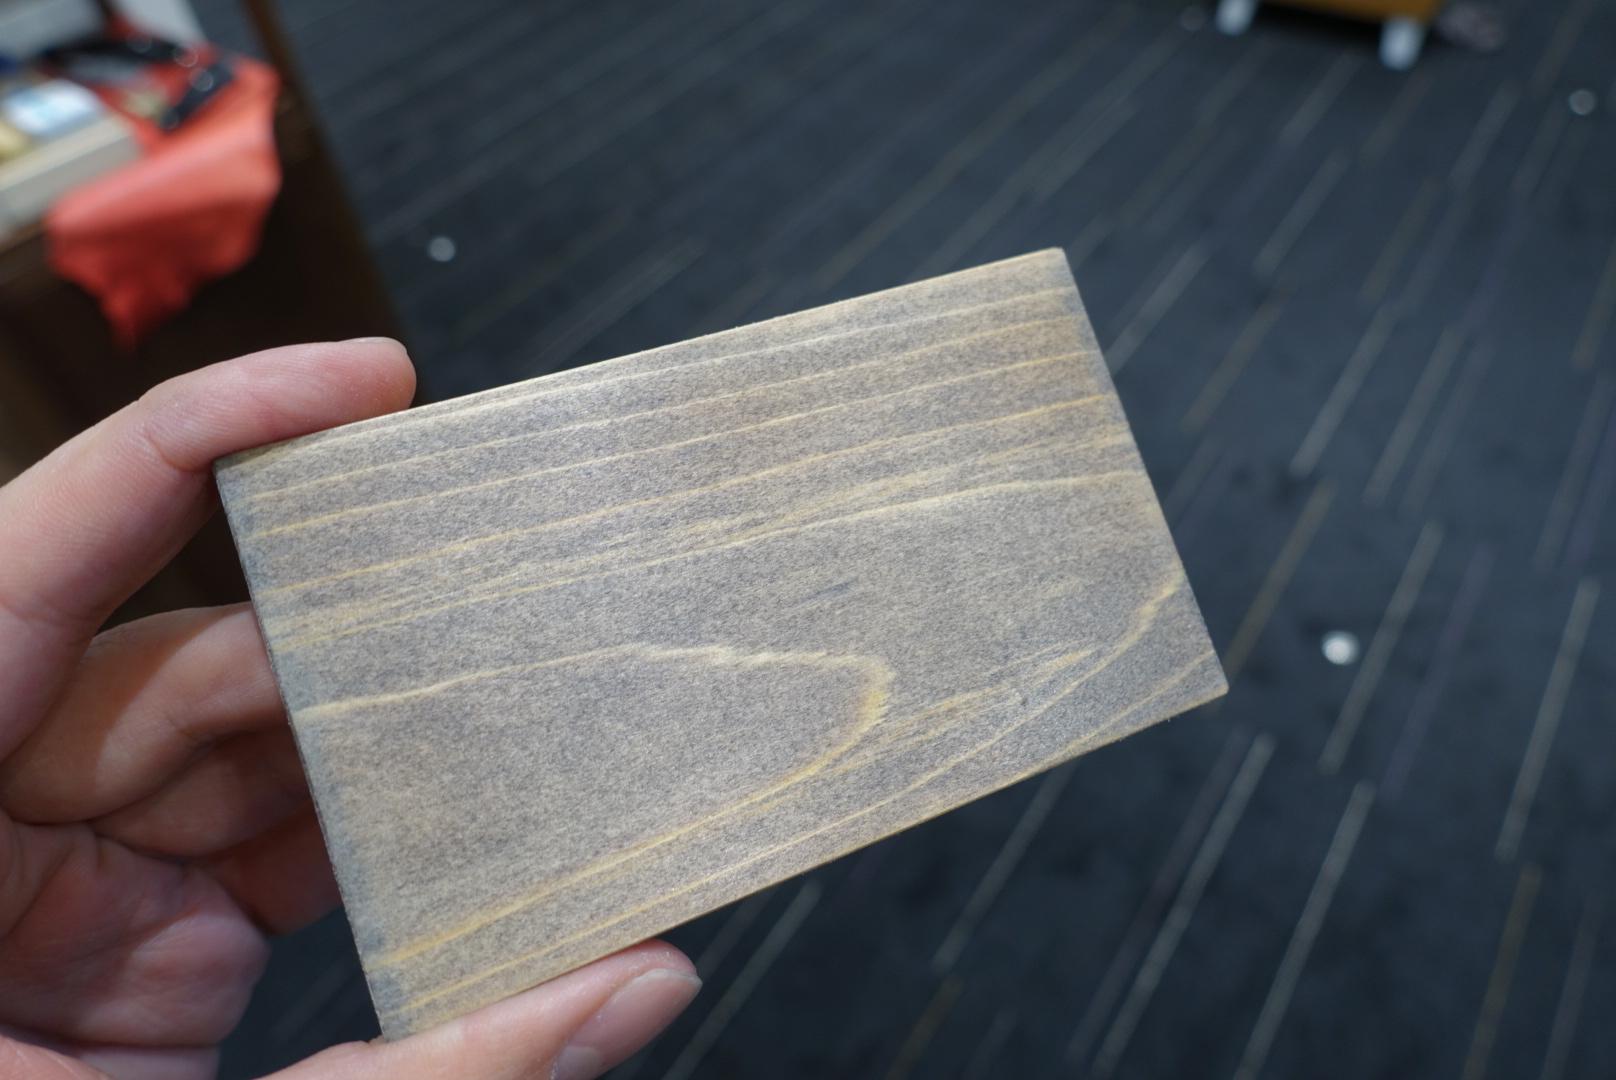 【信州・木曽の檜を使用したシューケアボックスをパターンオーダー】_b0226322_19453758.jpg